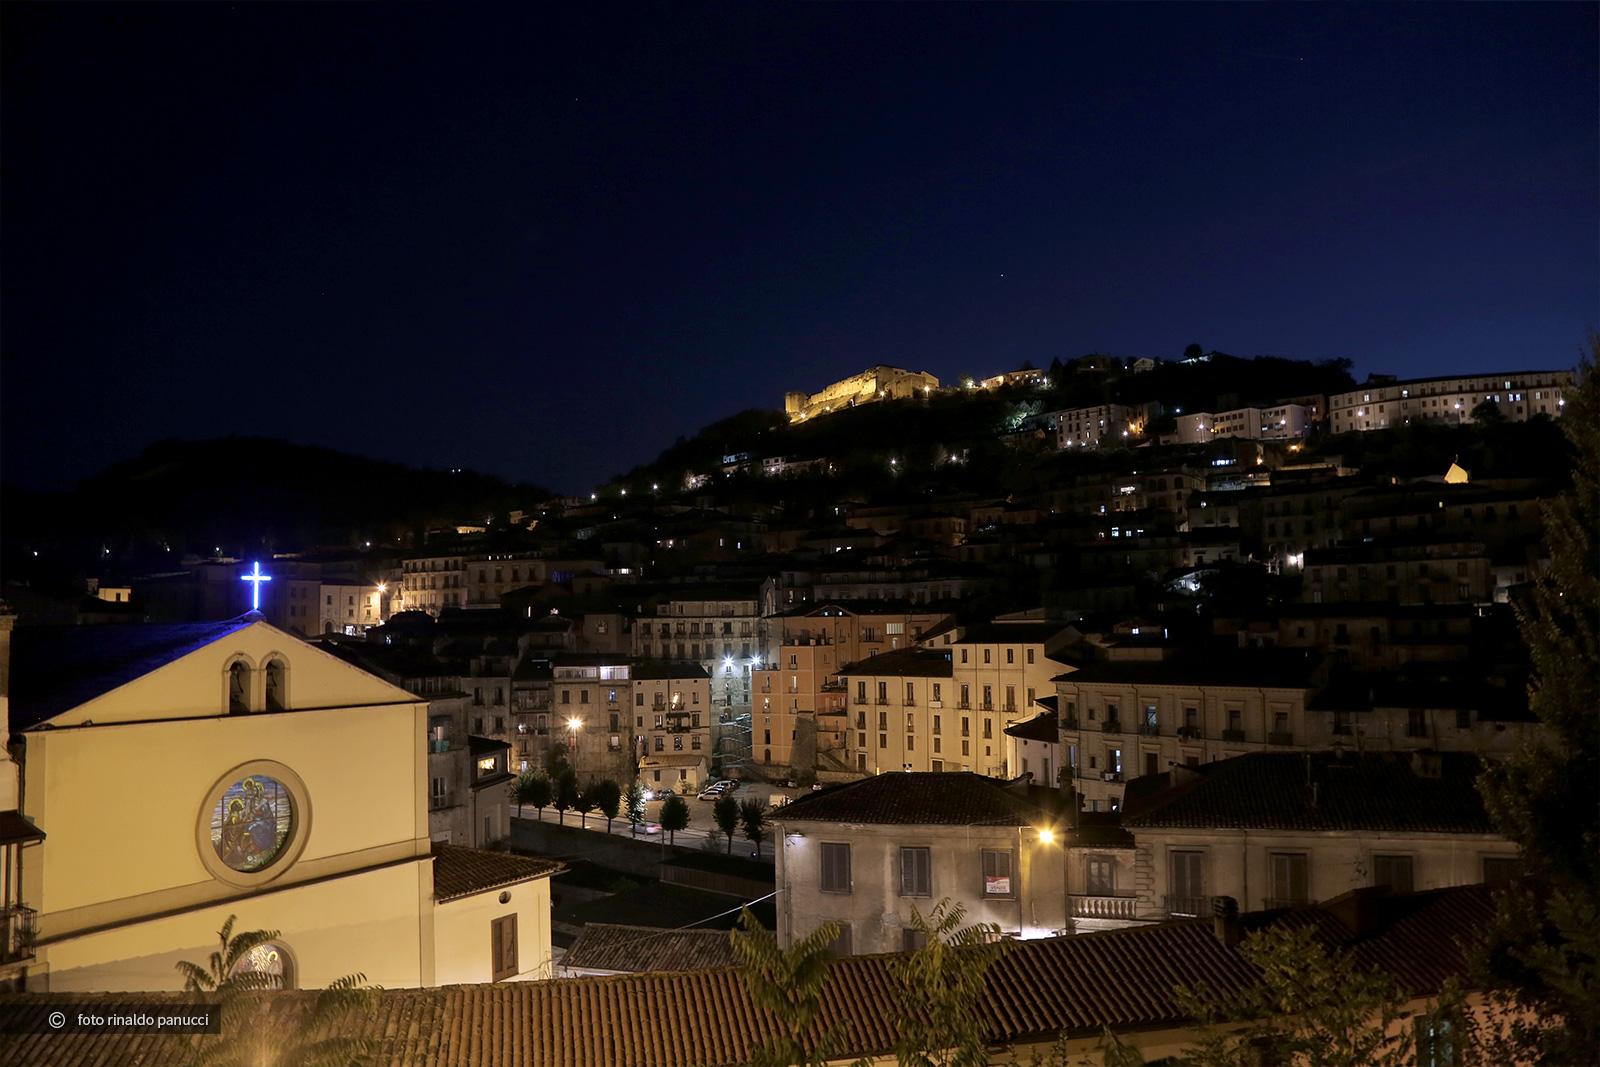 Cosenza, centro storico di notte.